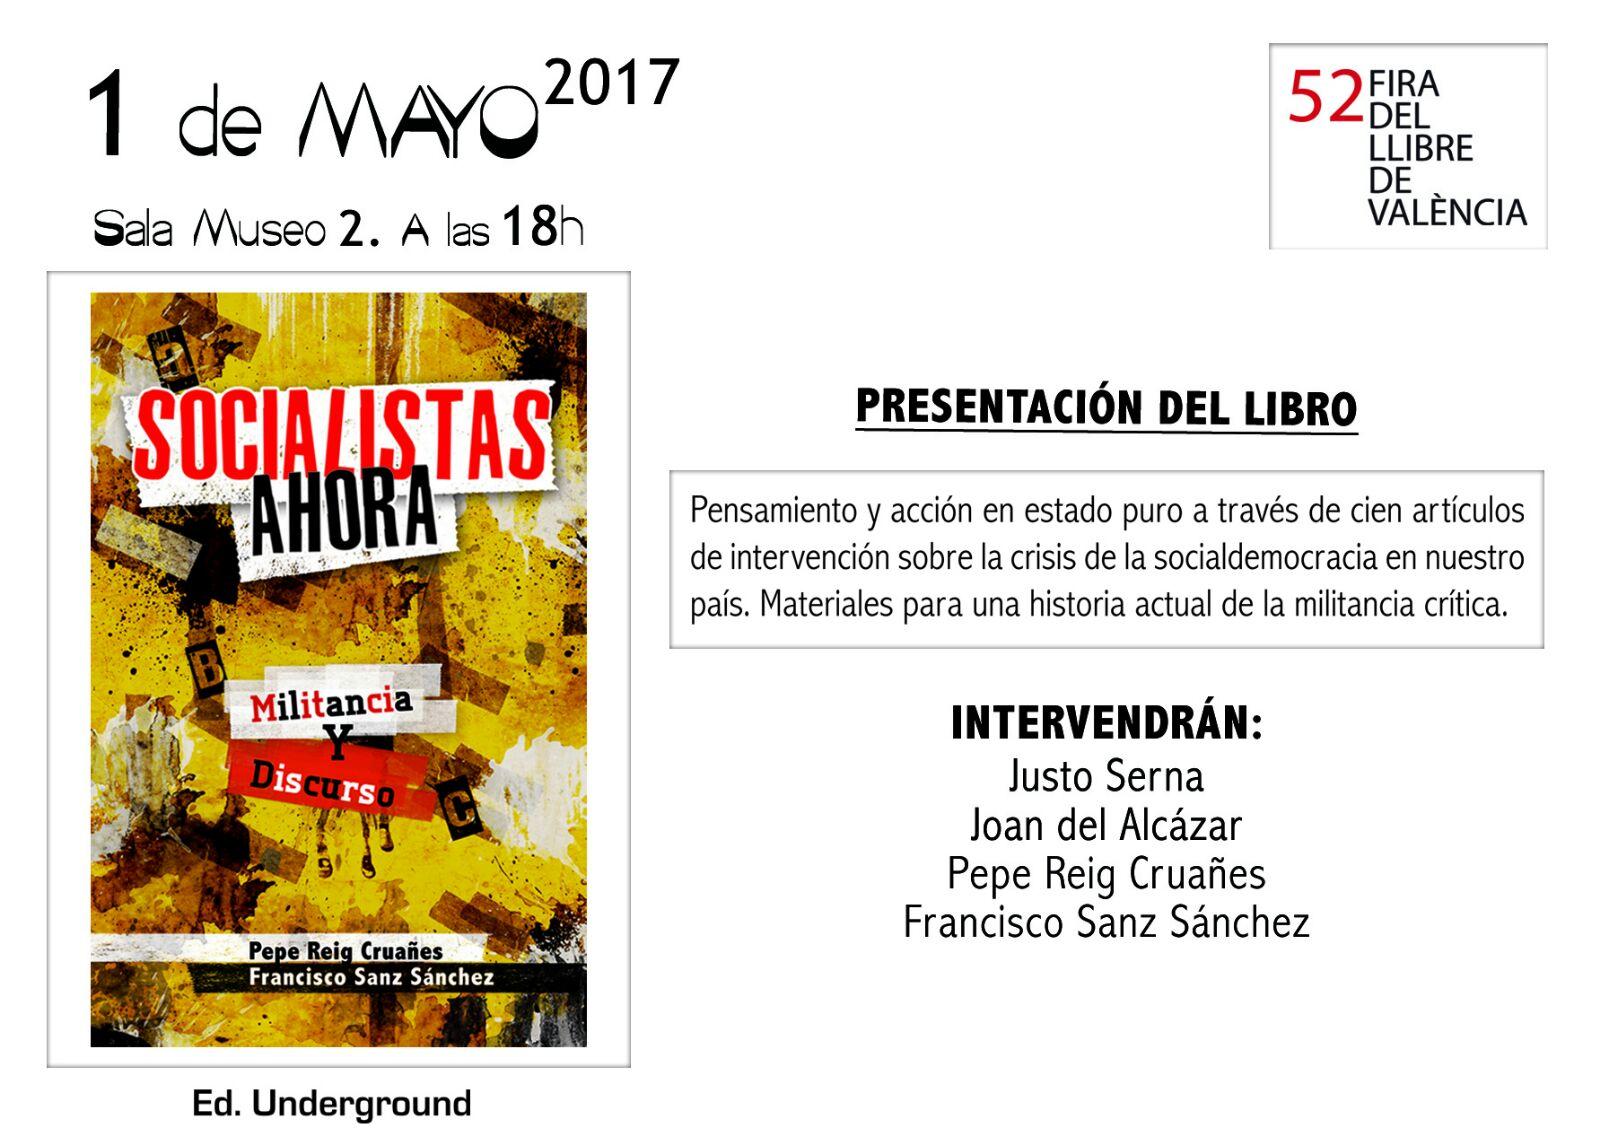 Socialistas ahora, militancia y discurso Fira del llibre 1 de maig